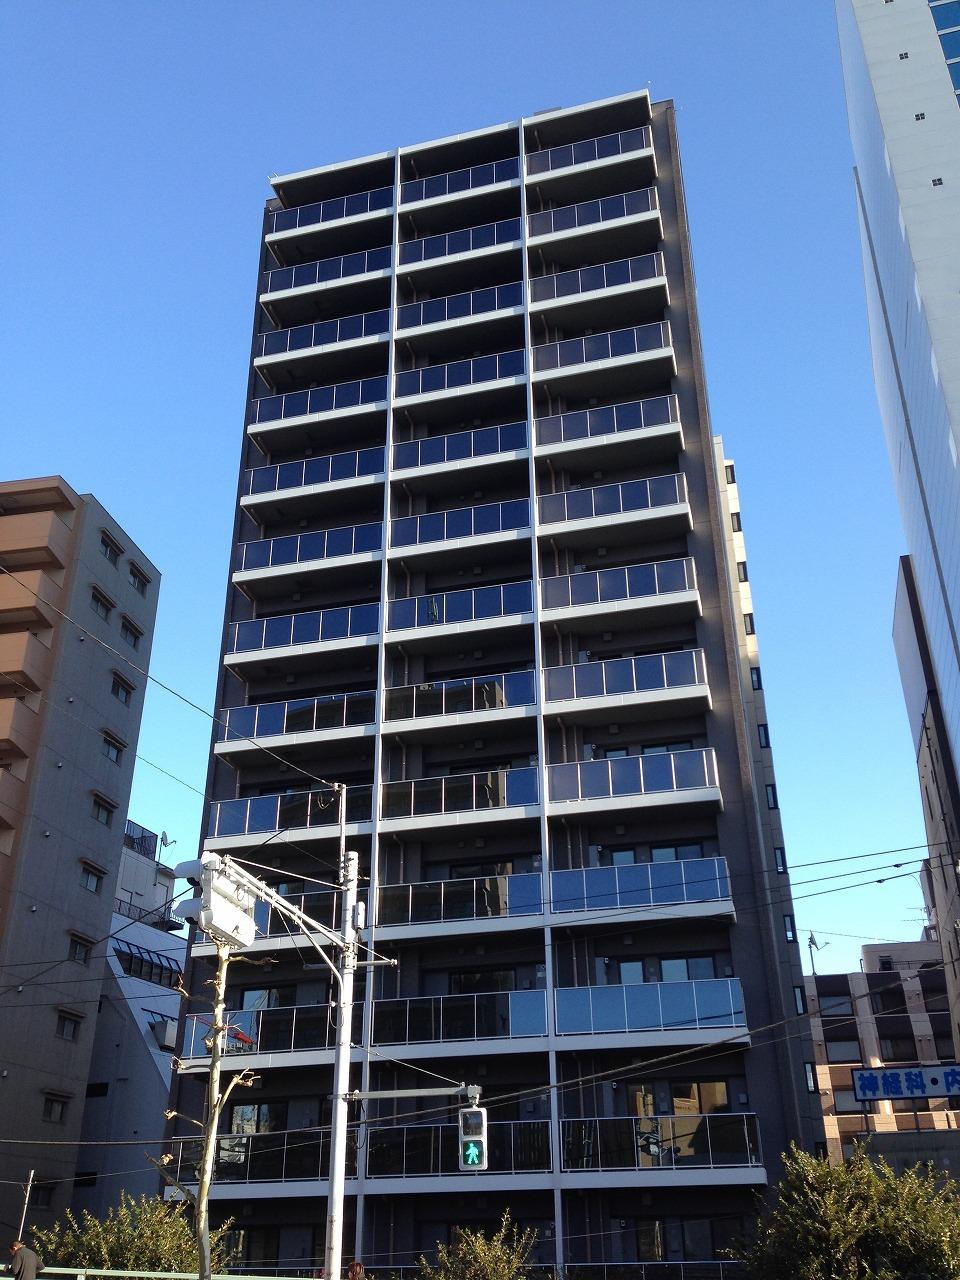 ザパークハウスアーバンス東五反田 外観写真